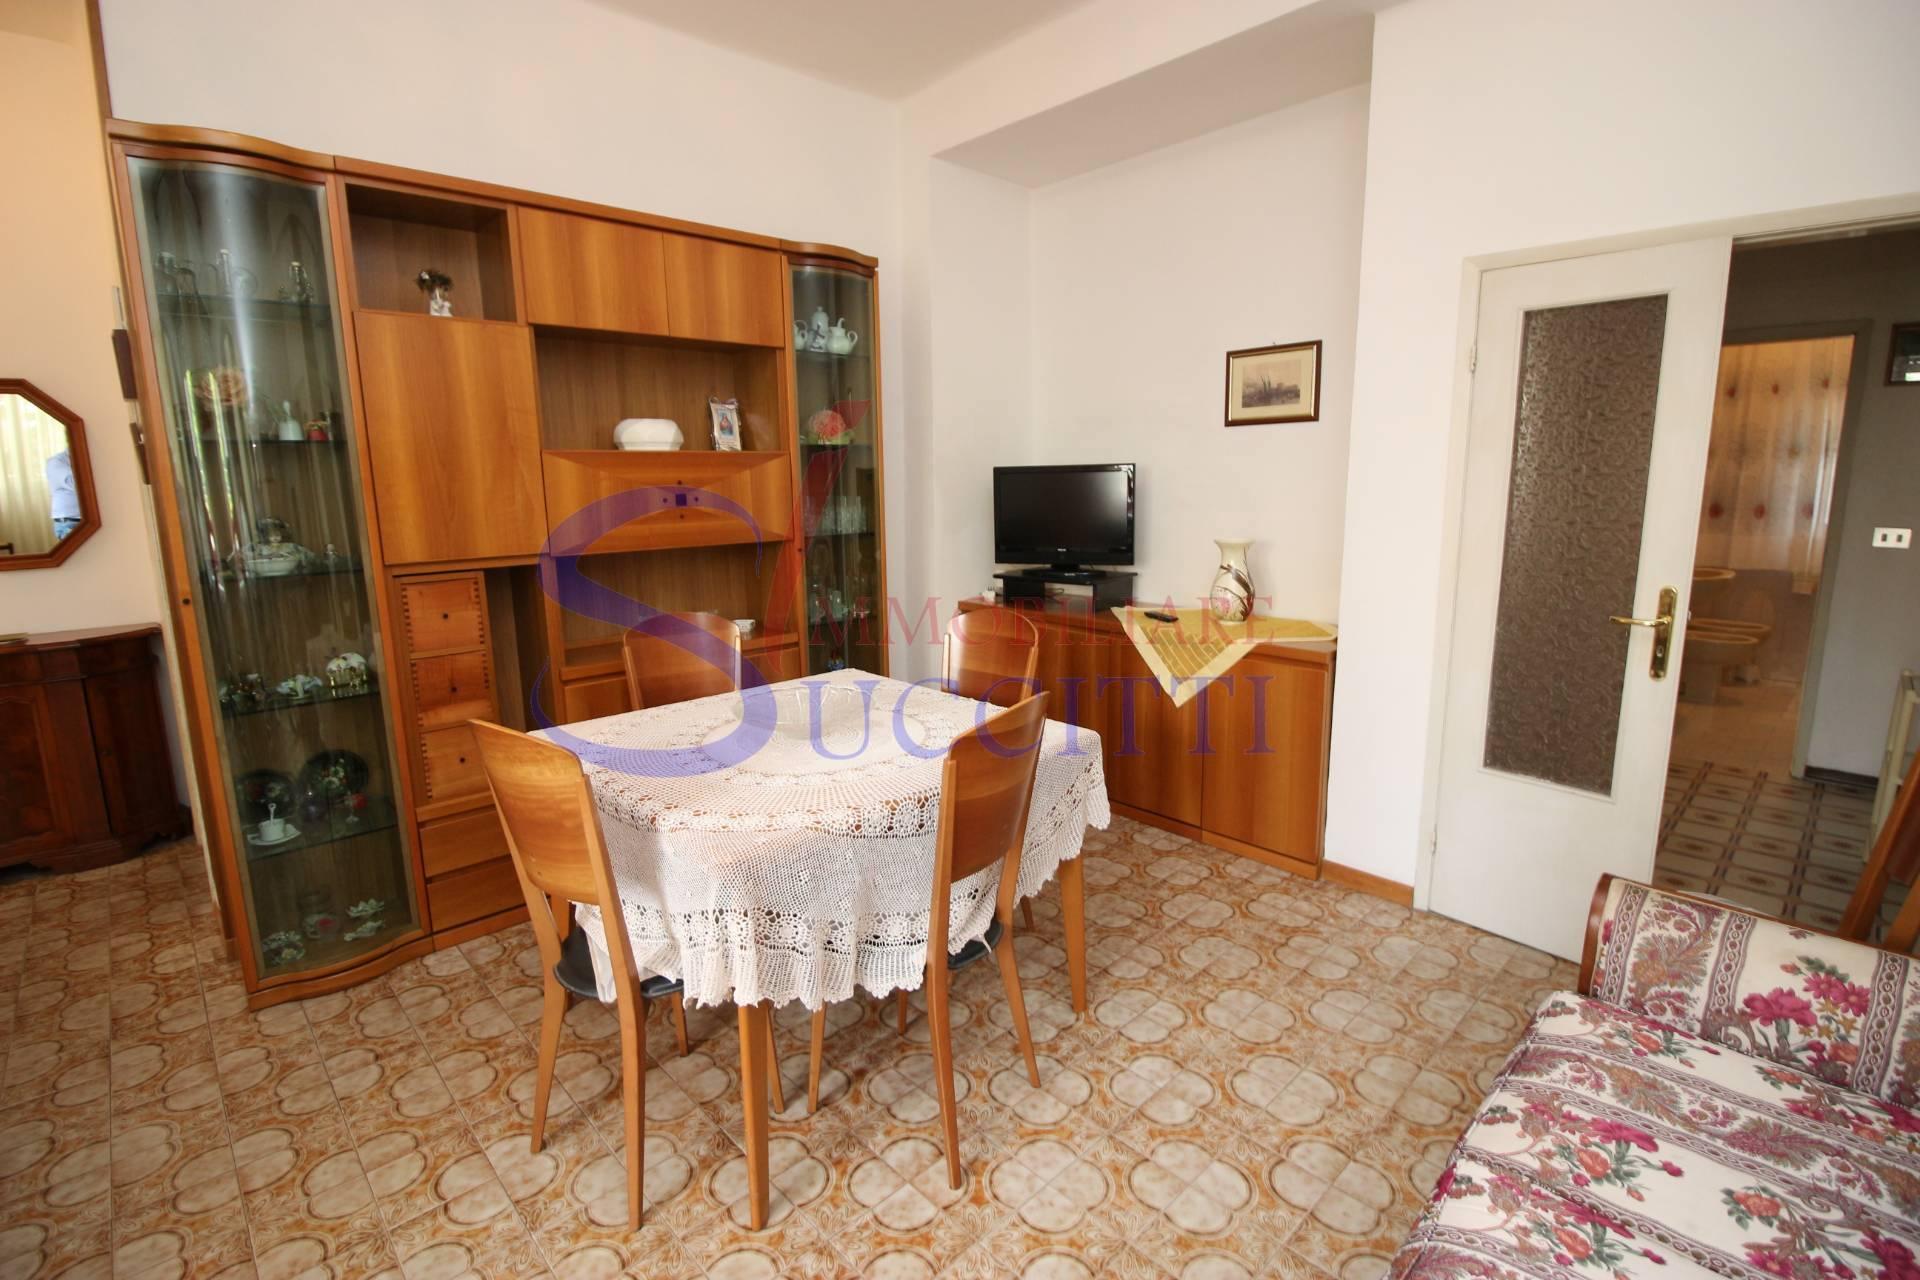 Appartamento in affitto a Alba Adriatica, 5 locali, zona Località: ZonaMare, prezzo € 400 | CambioCasa.it